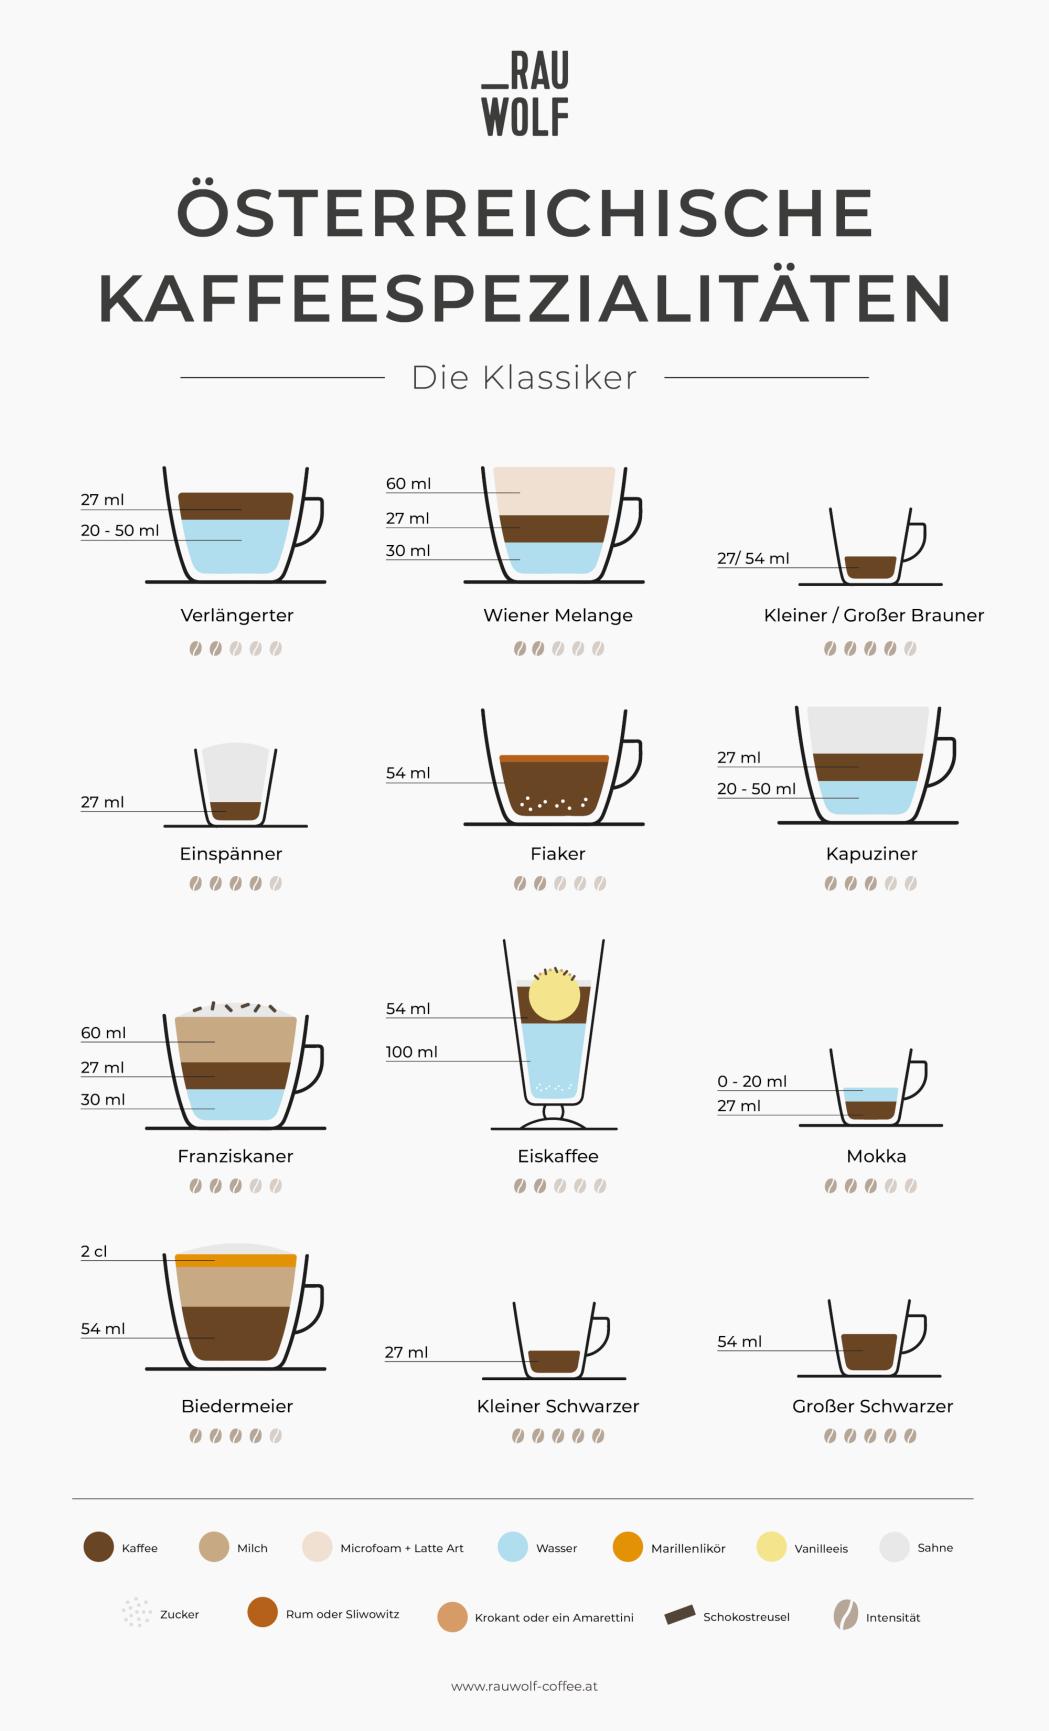 Österreichische Kaffeespezialitäten, die Kaffeetrinker kennen sollten